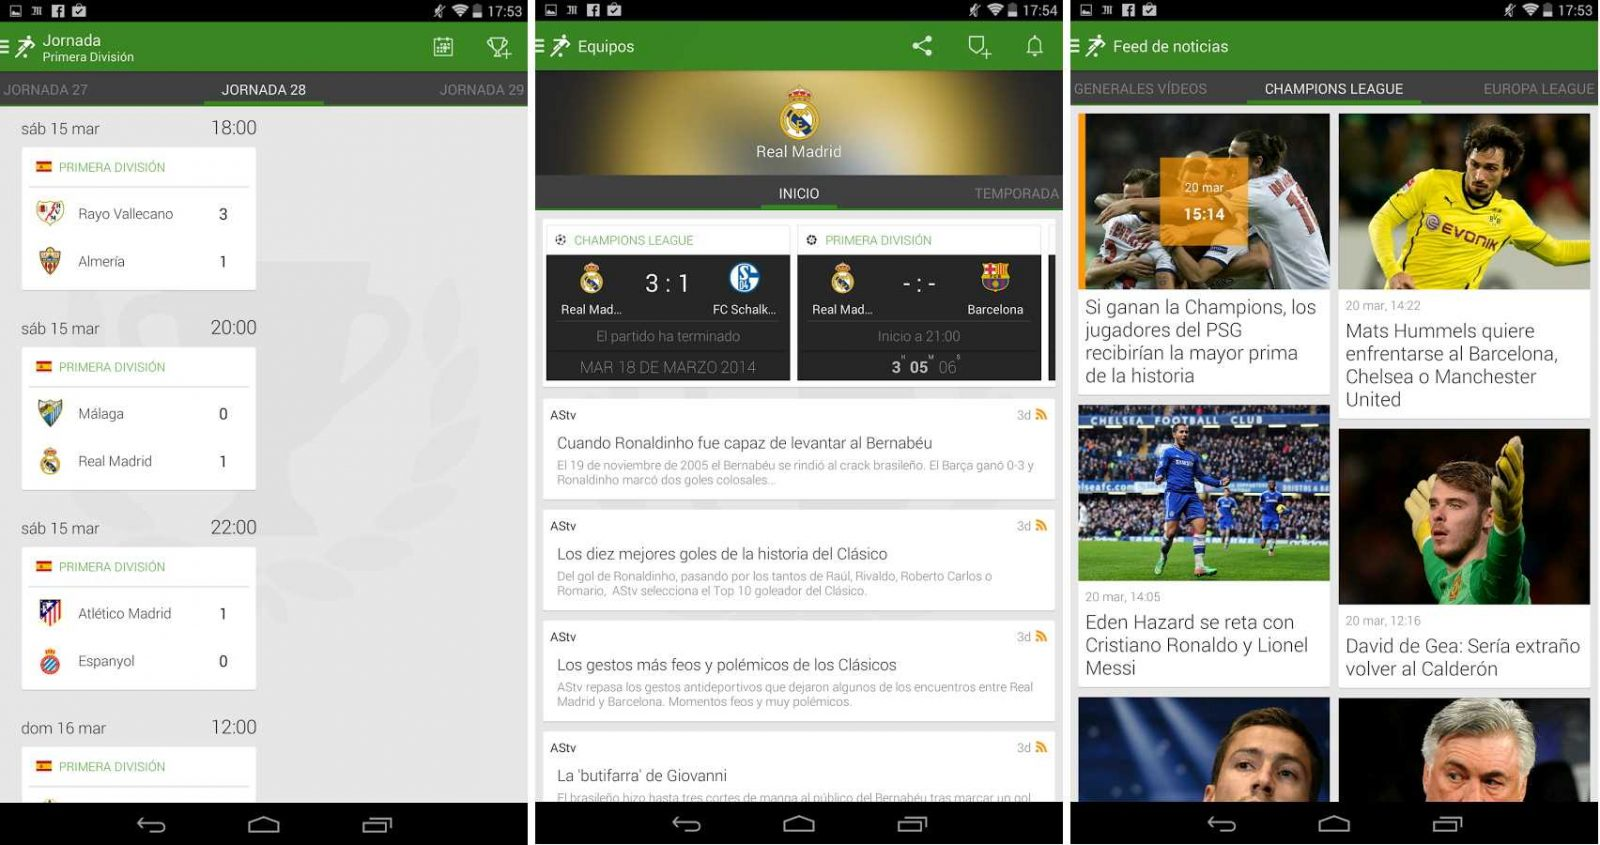 App de noticias de fútbol FotMob – Soccer Scores